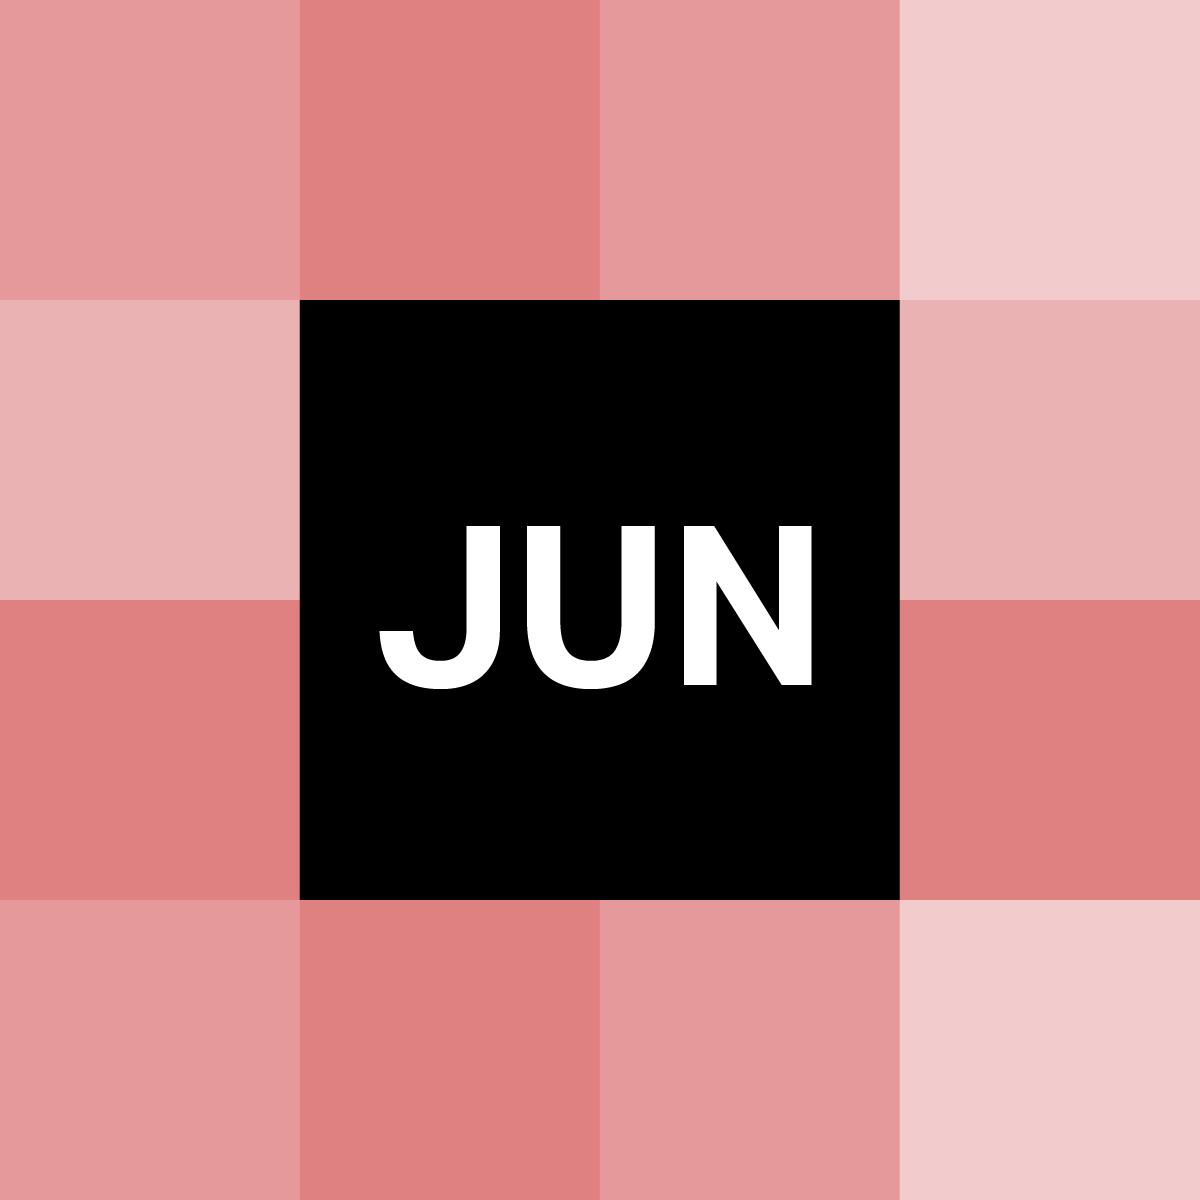 Calendário de Cursos em Junho na 4ED escola de design